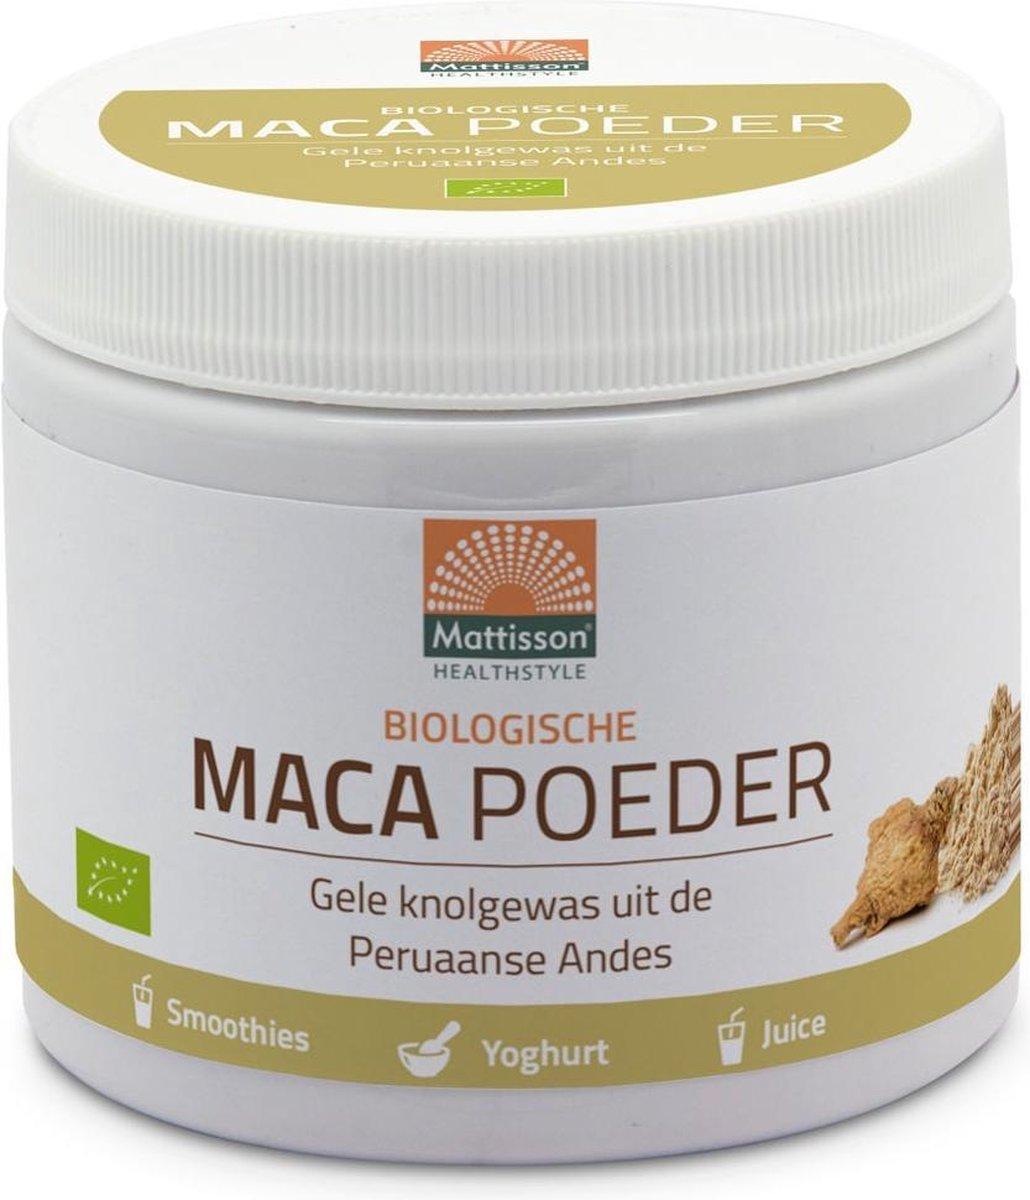 Mattisson - Active Maca Poeder - Biologisch